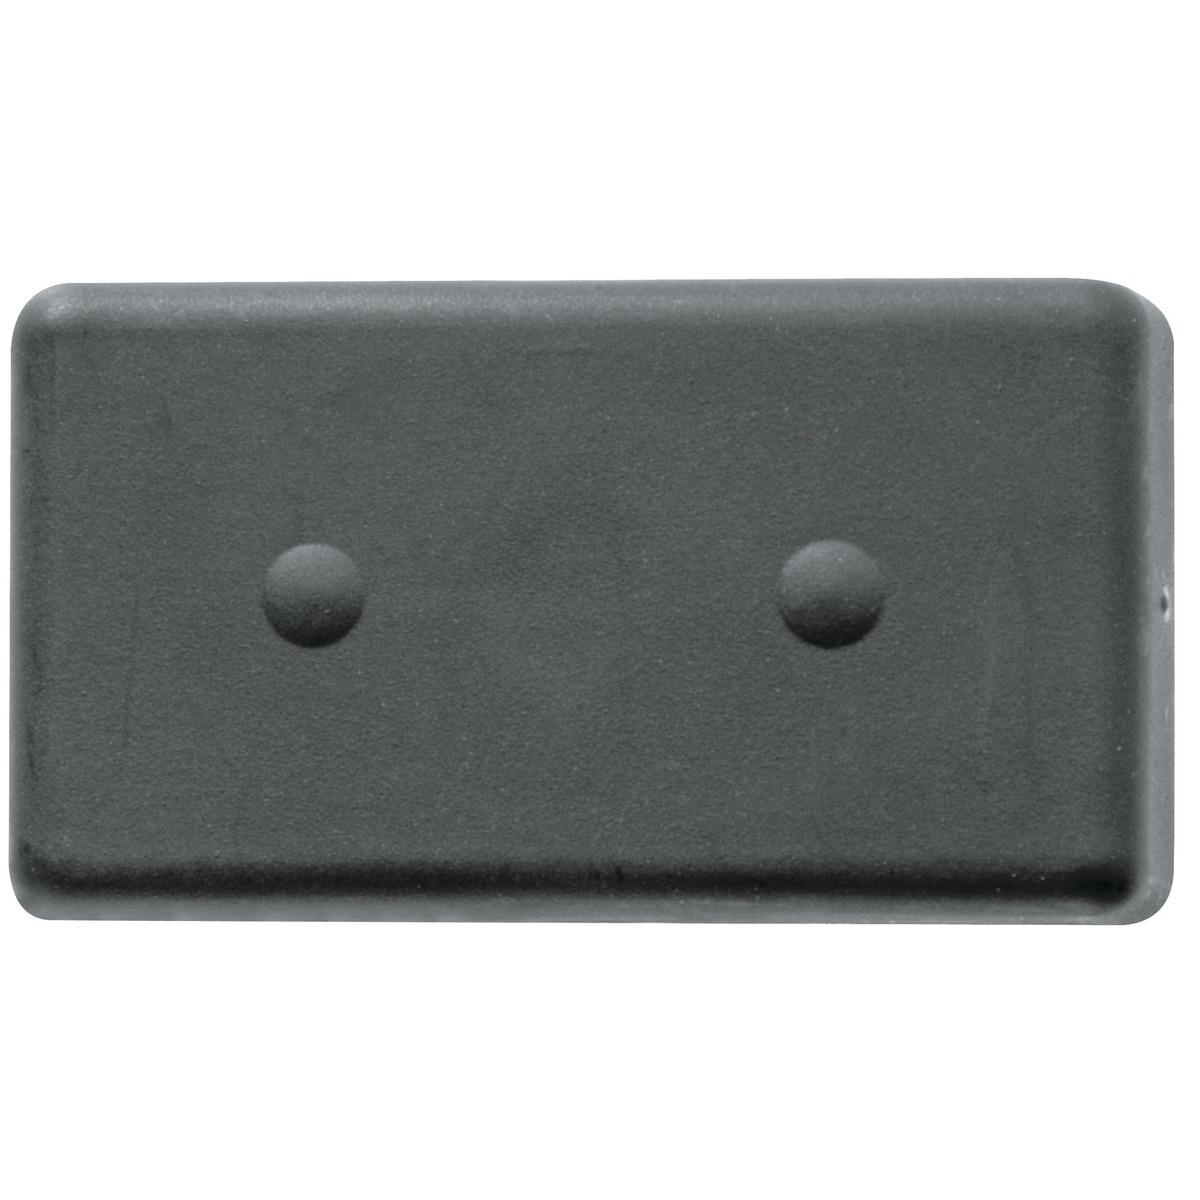 Modulo Interruptor Simples 10A Izy Flat Grafite 57117/001 Tramontina